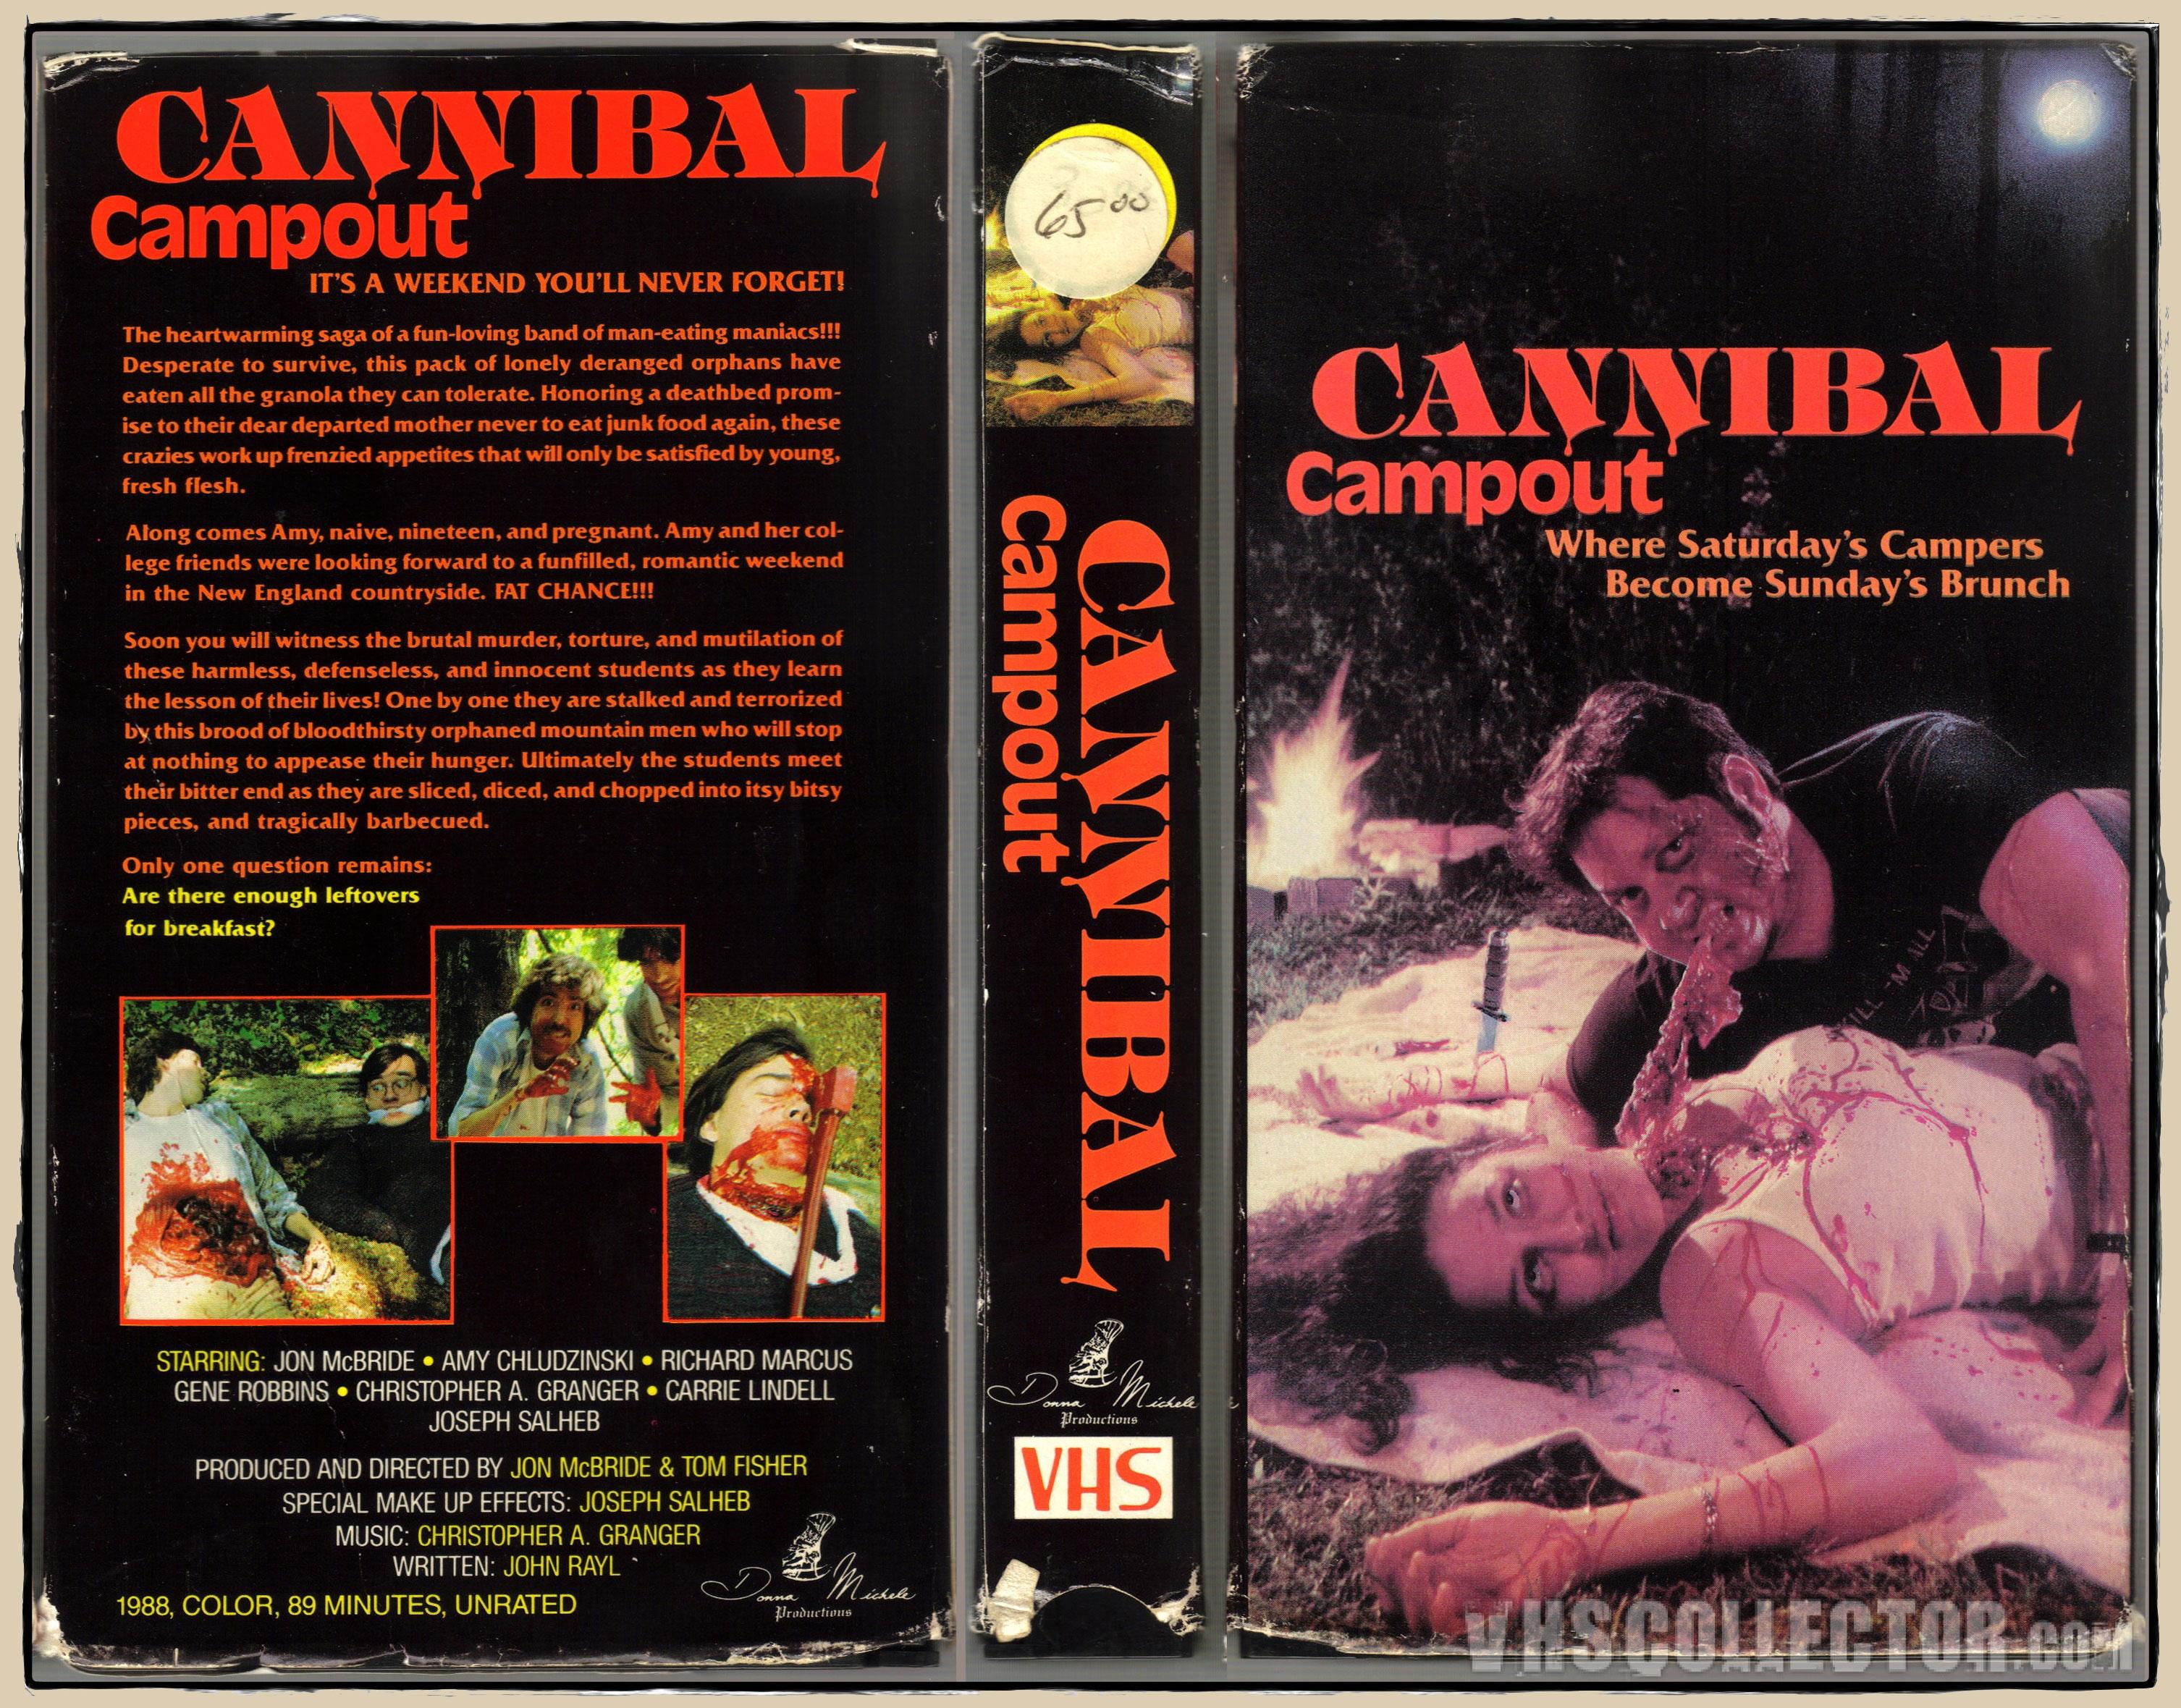 CannibalCampout